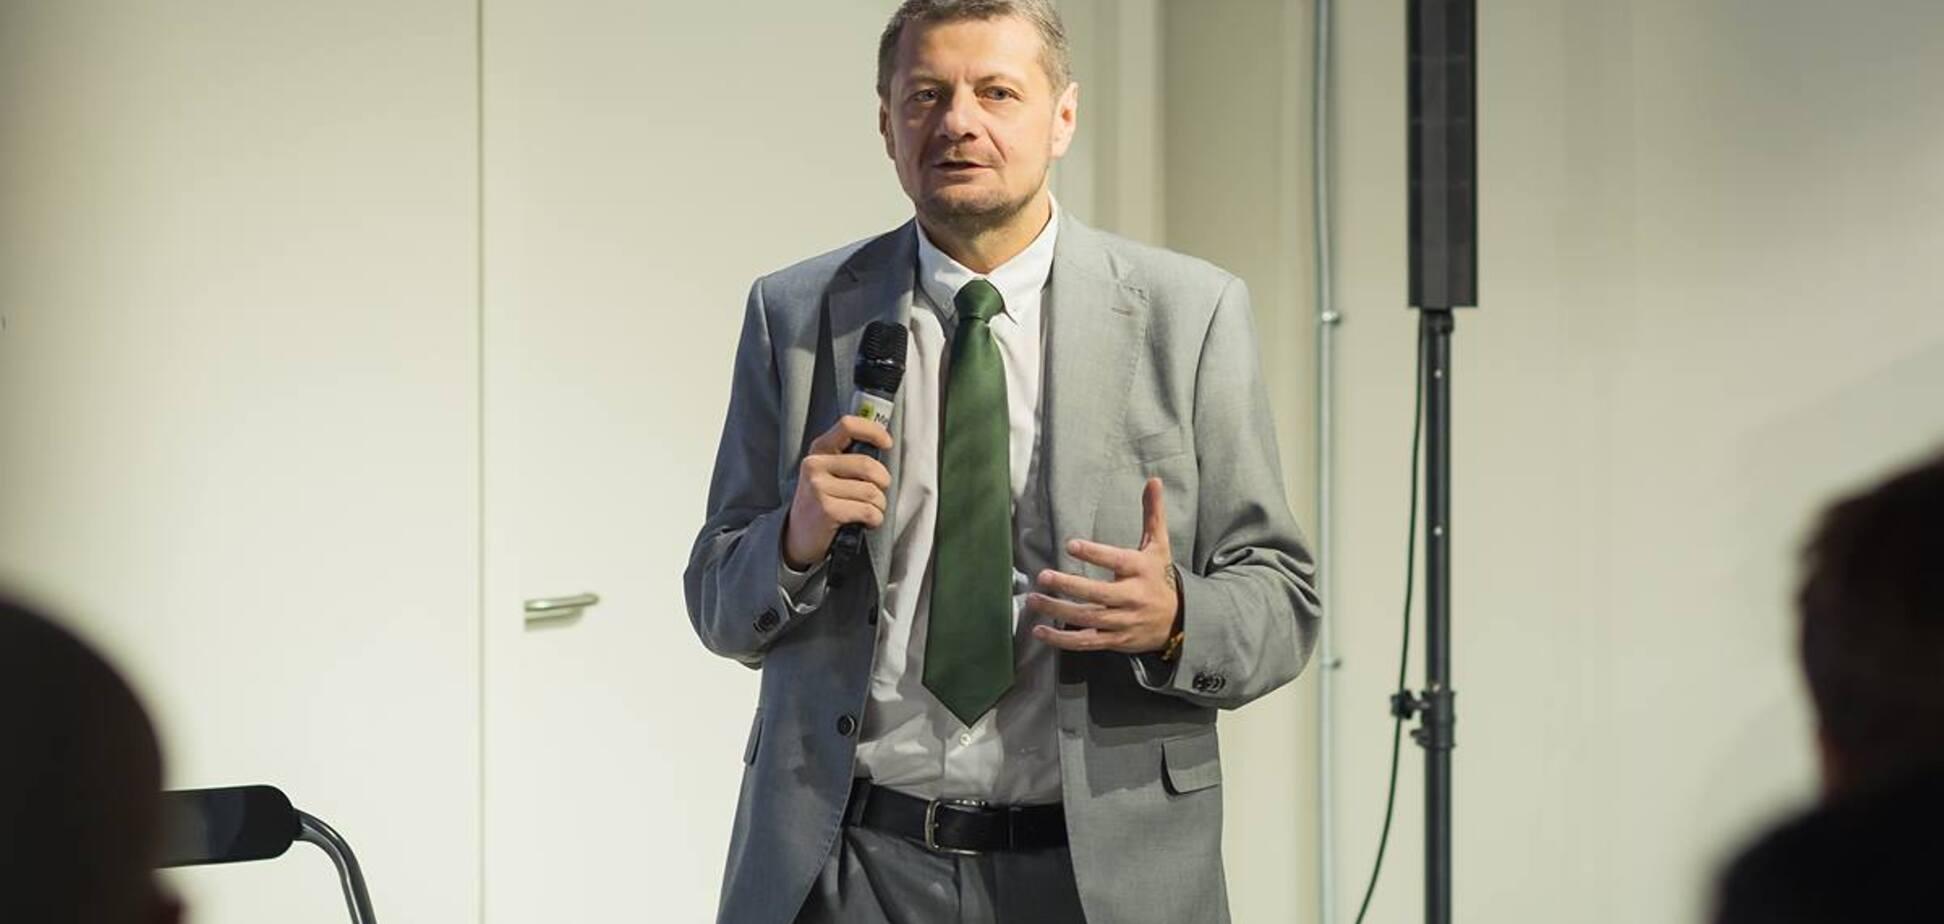 Мосийчук рассказал, кто превратил Гоструда в рэкетирскую структуру